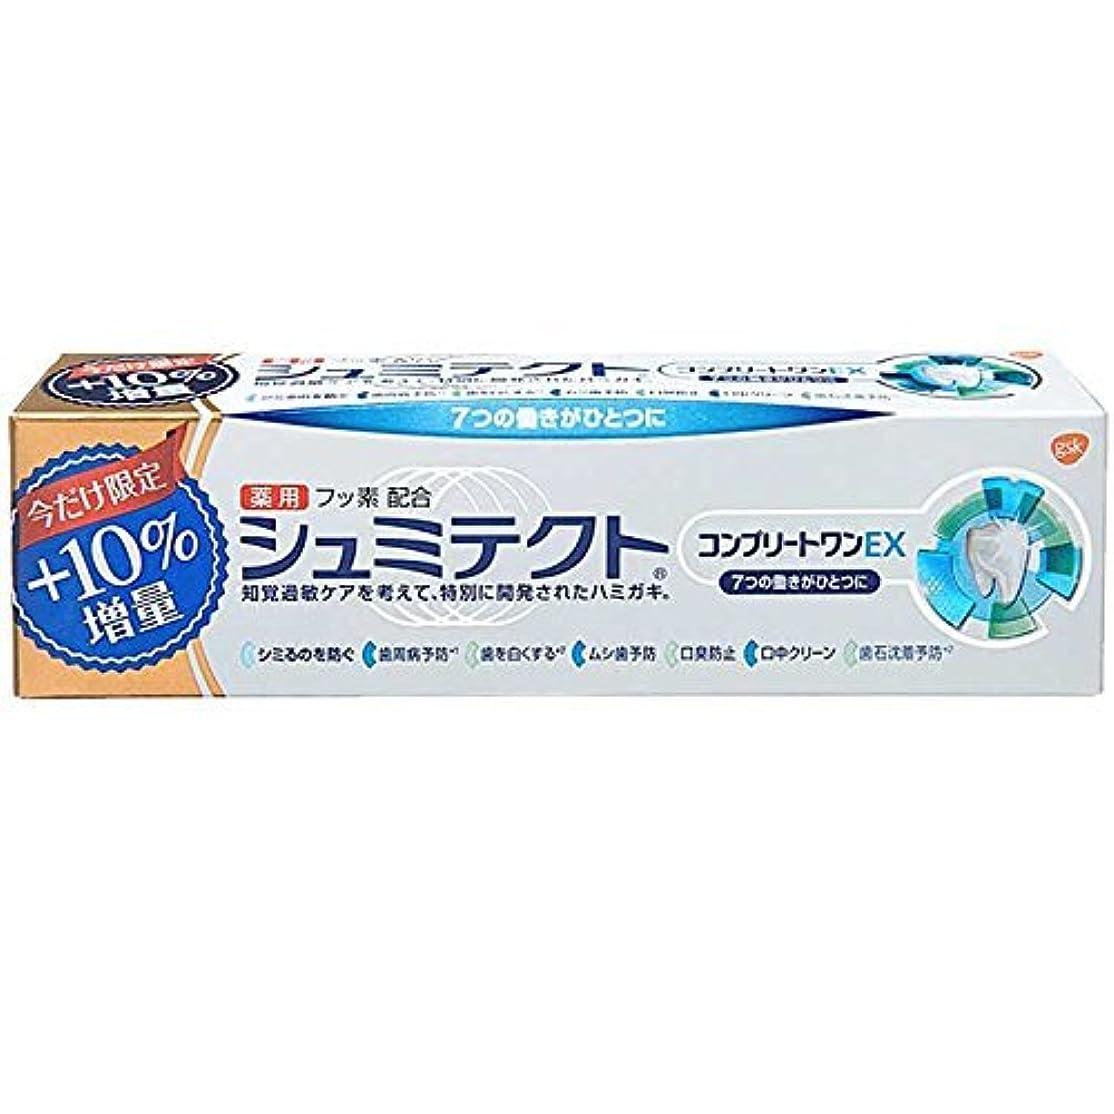 ブリッジカカドゥカール薬用シュミテクトコンプリートワンEX増量99g